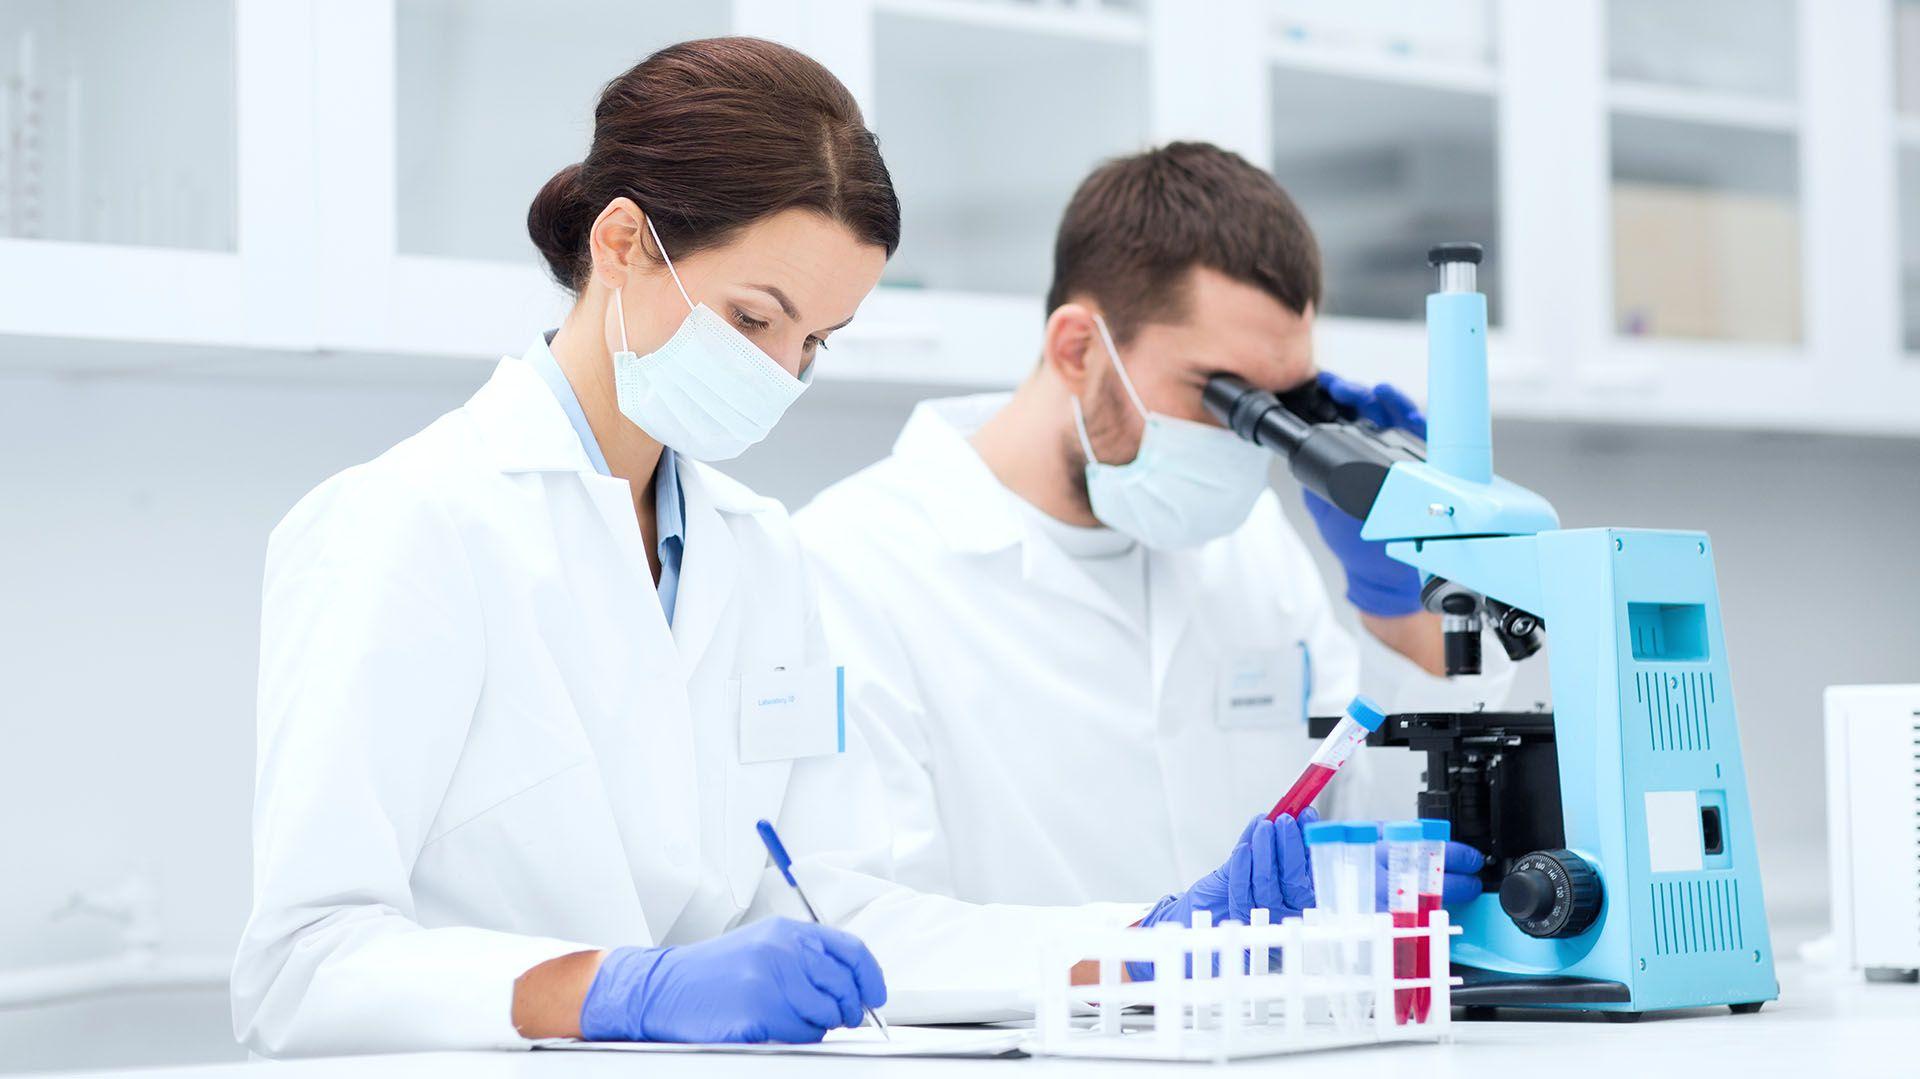 El fármaco MSC-1 bloquea una proteína llamada LIF, que favorece la progresión de algunos tipos de cáncer (Shutterstock)